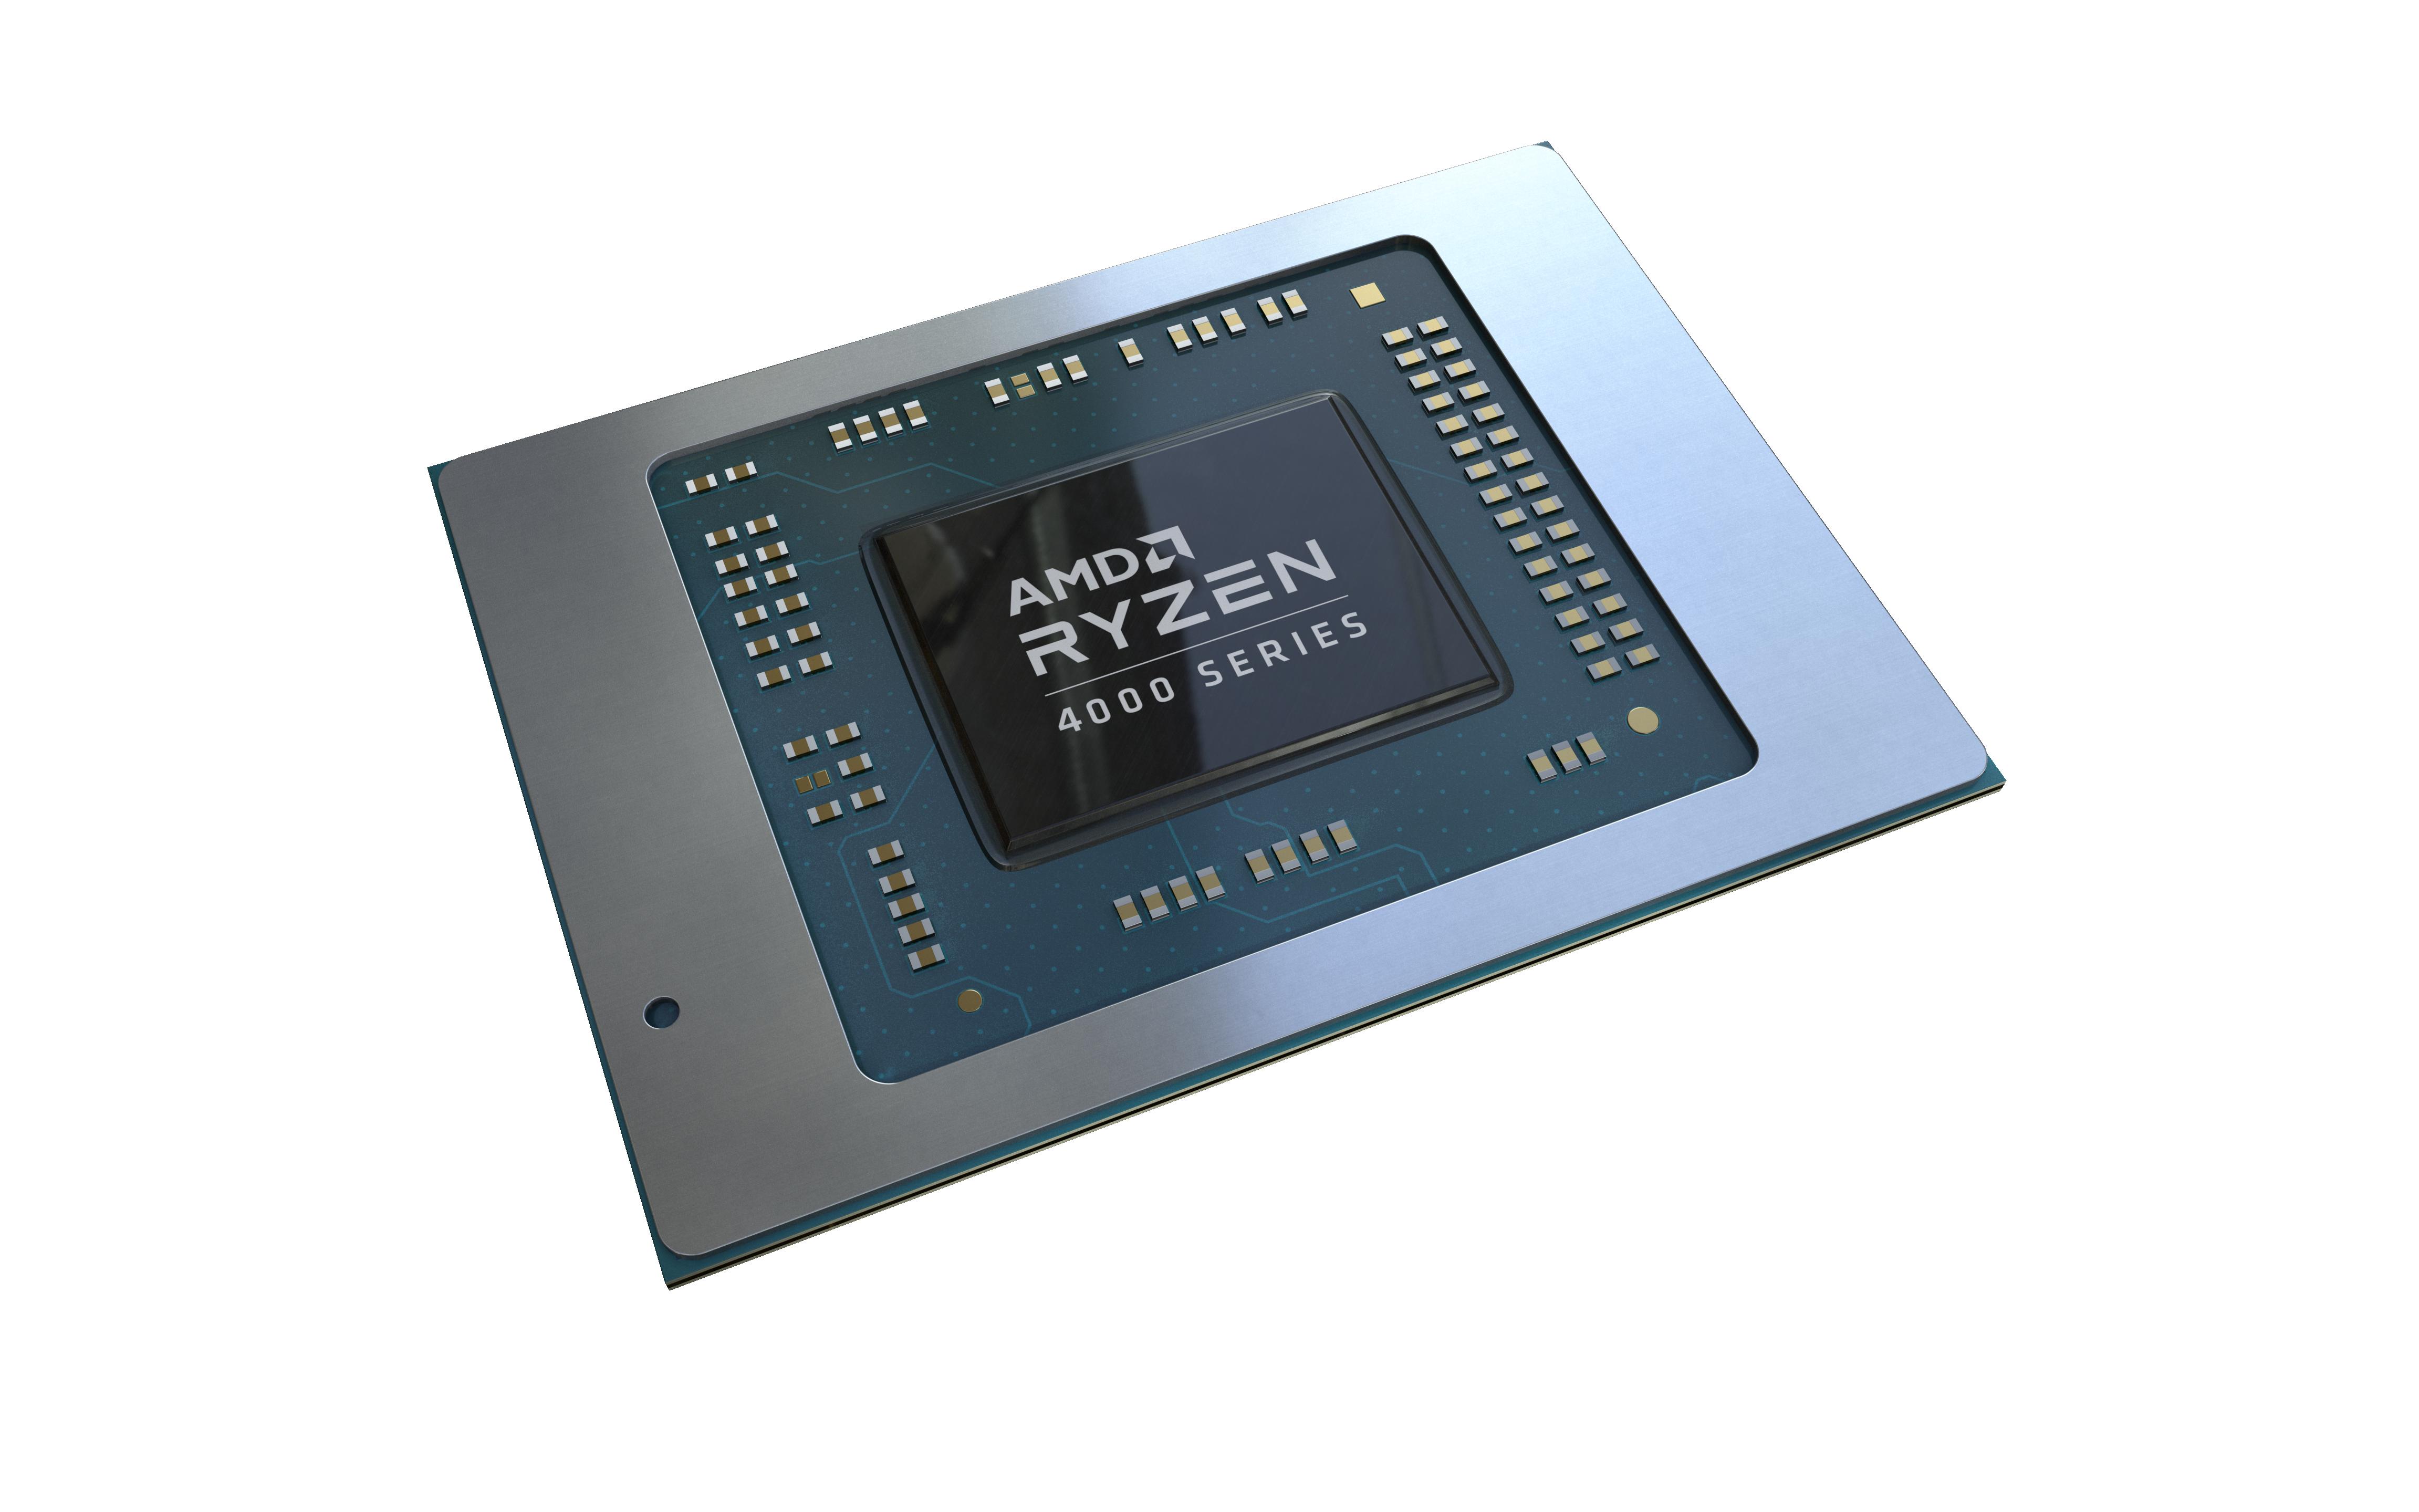 AMD giới thiệu loạt vi xử lý Ryzen 4000 Series dành cho laptop từ phổ thông đến gaming, cuộc chiến với đội Xanh không chỉ còn nằm trên mặt trận PC nữa